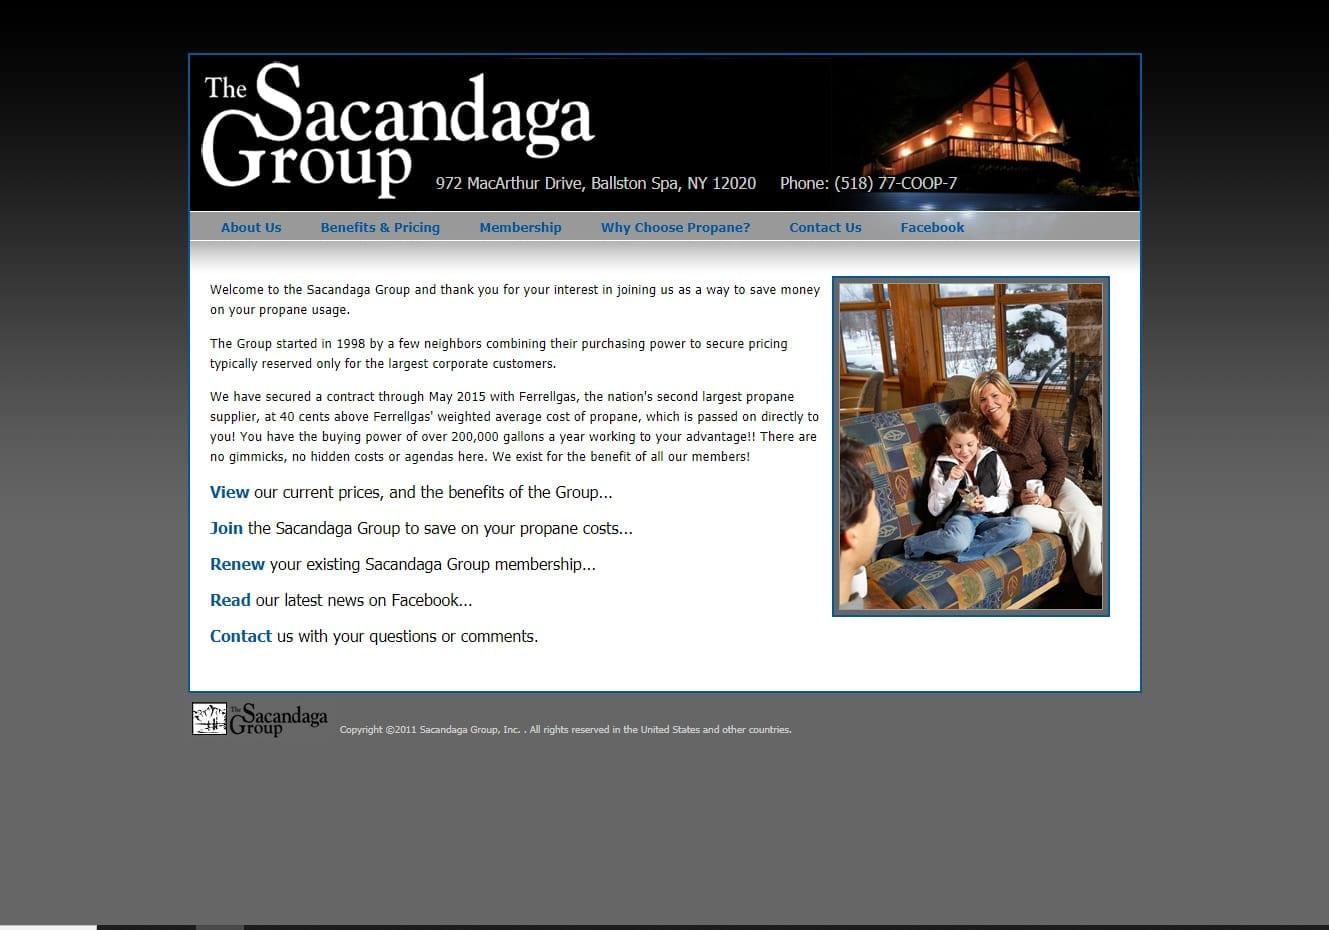 the Sacandaga Group